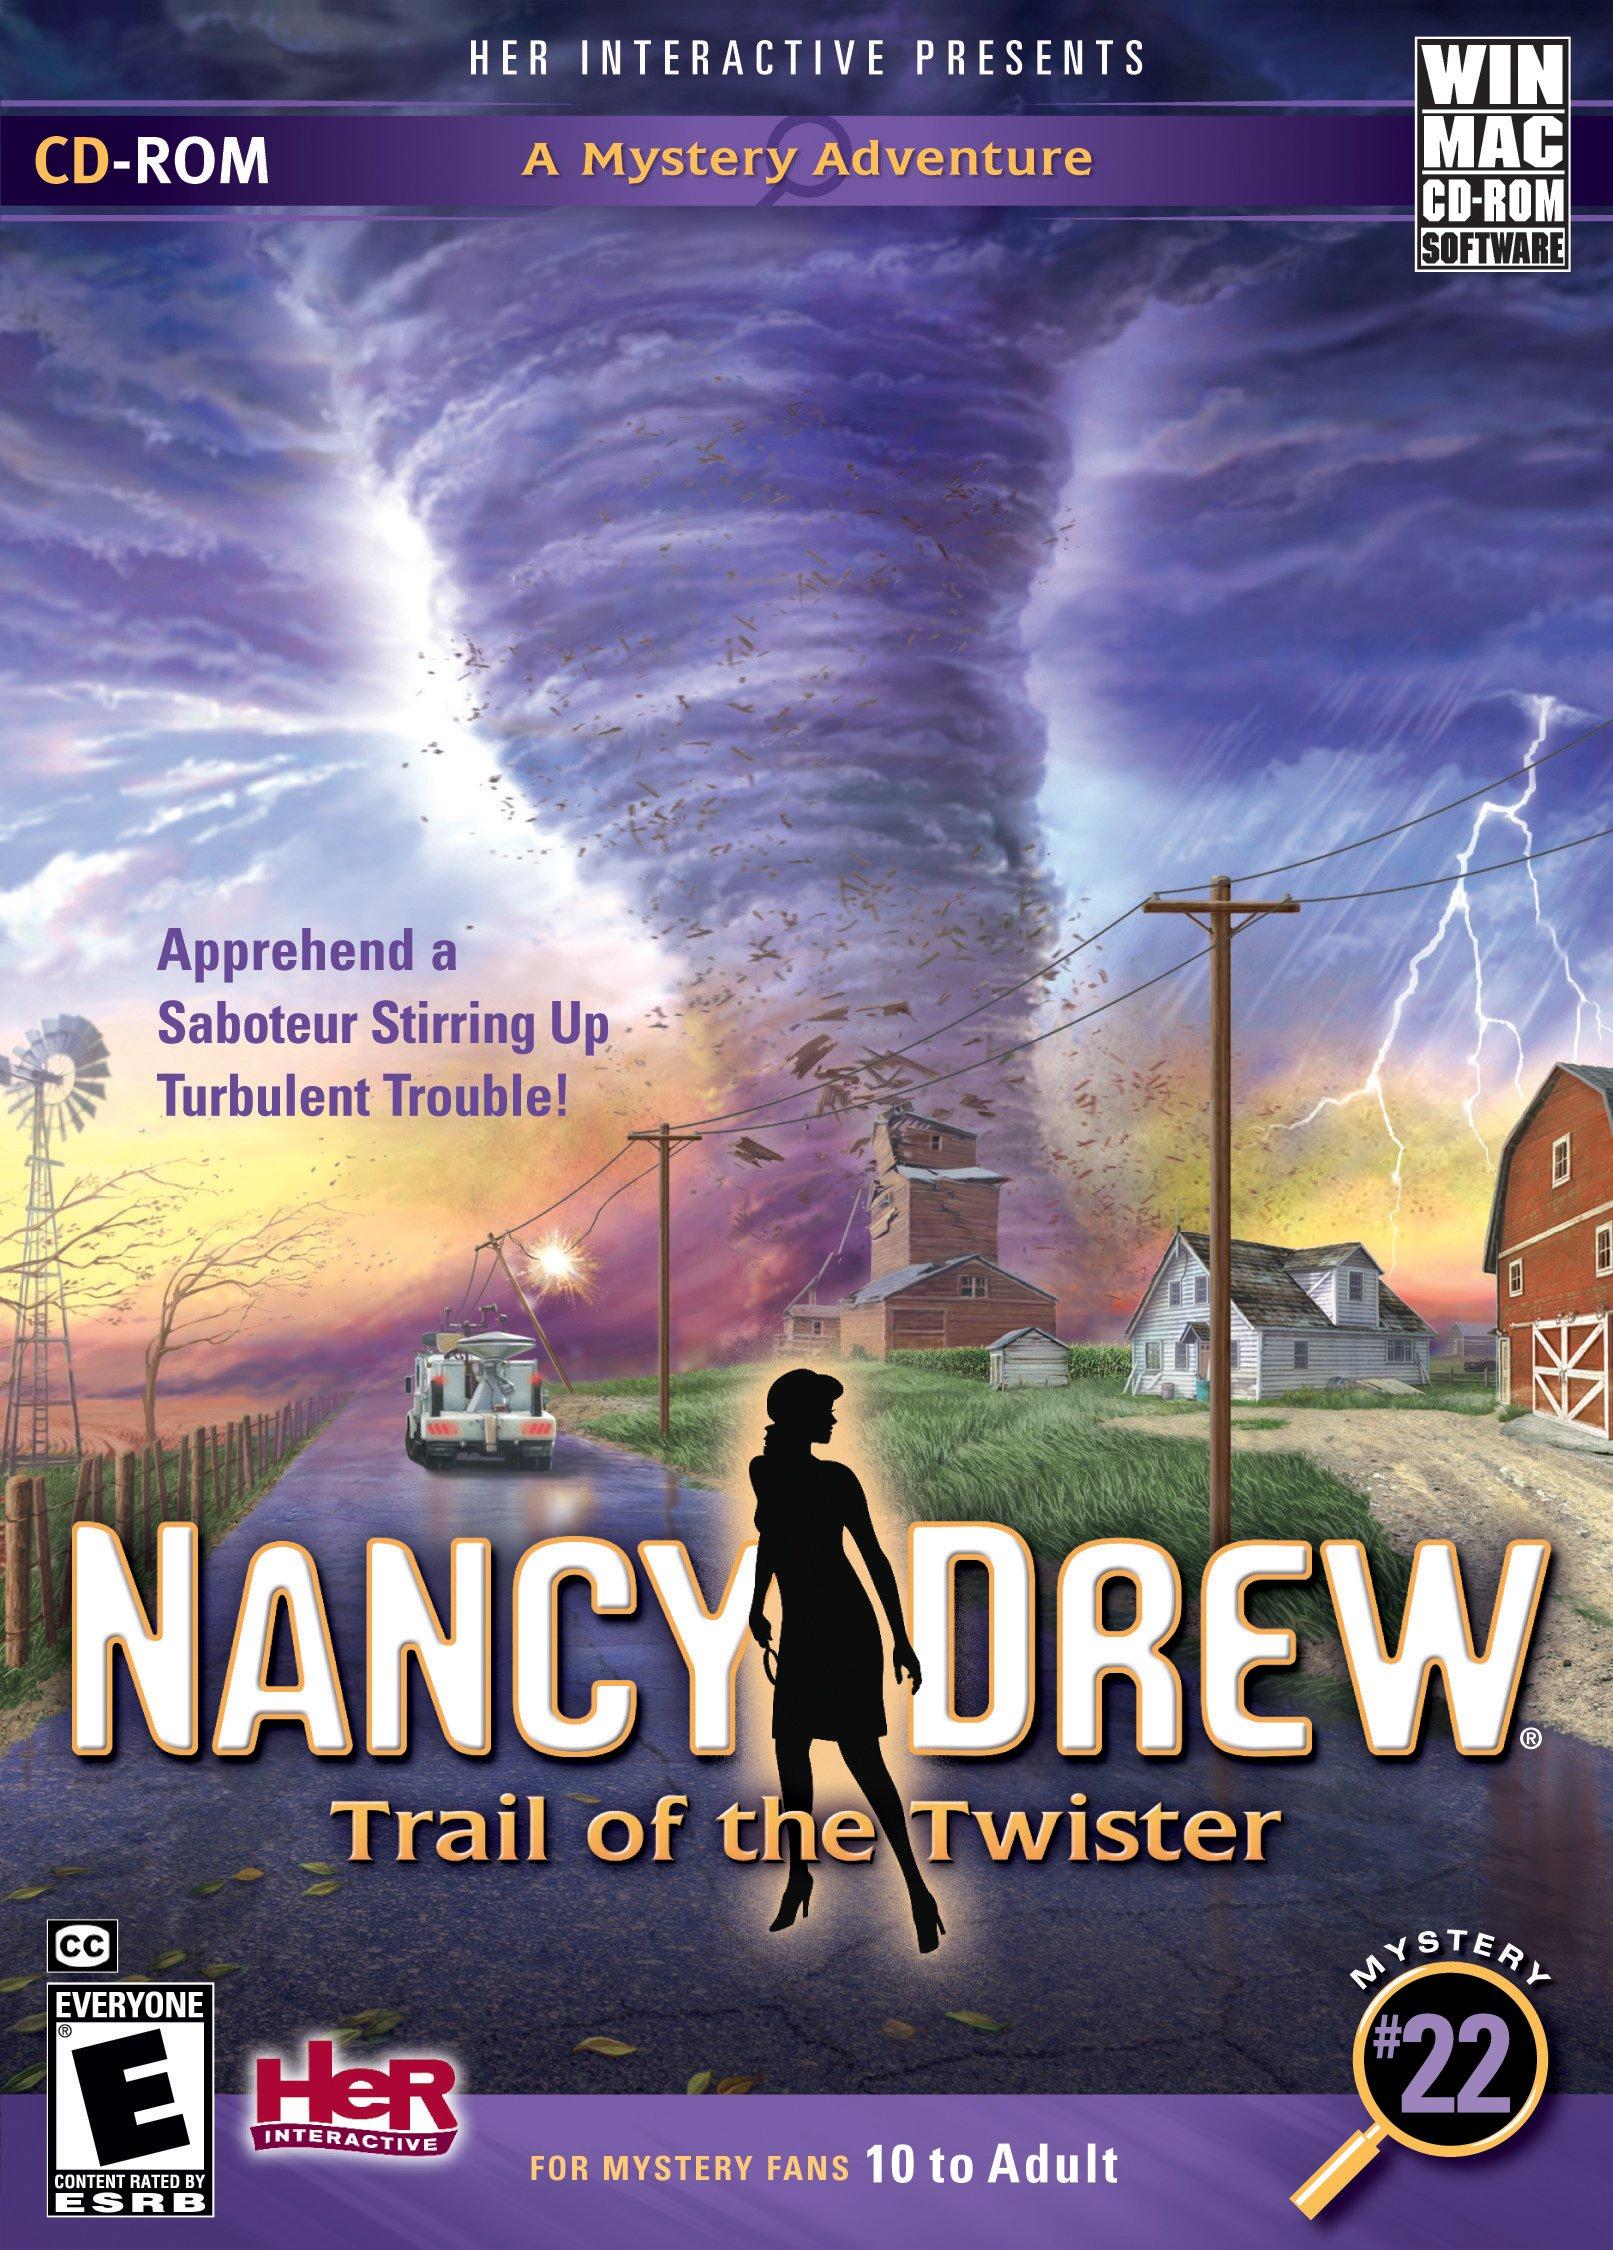 Nancy Drew: Trail of the Twister - Mac